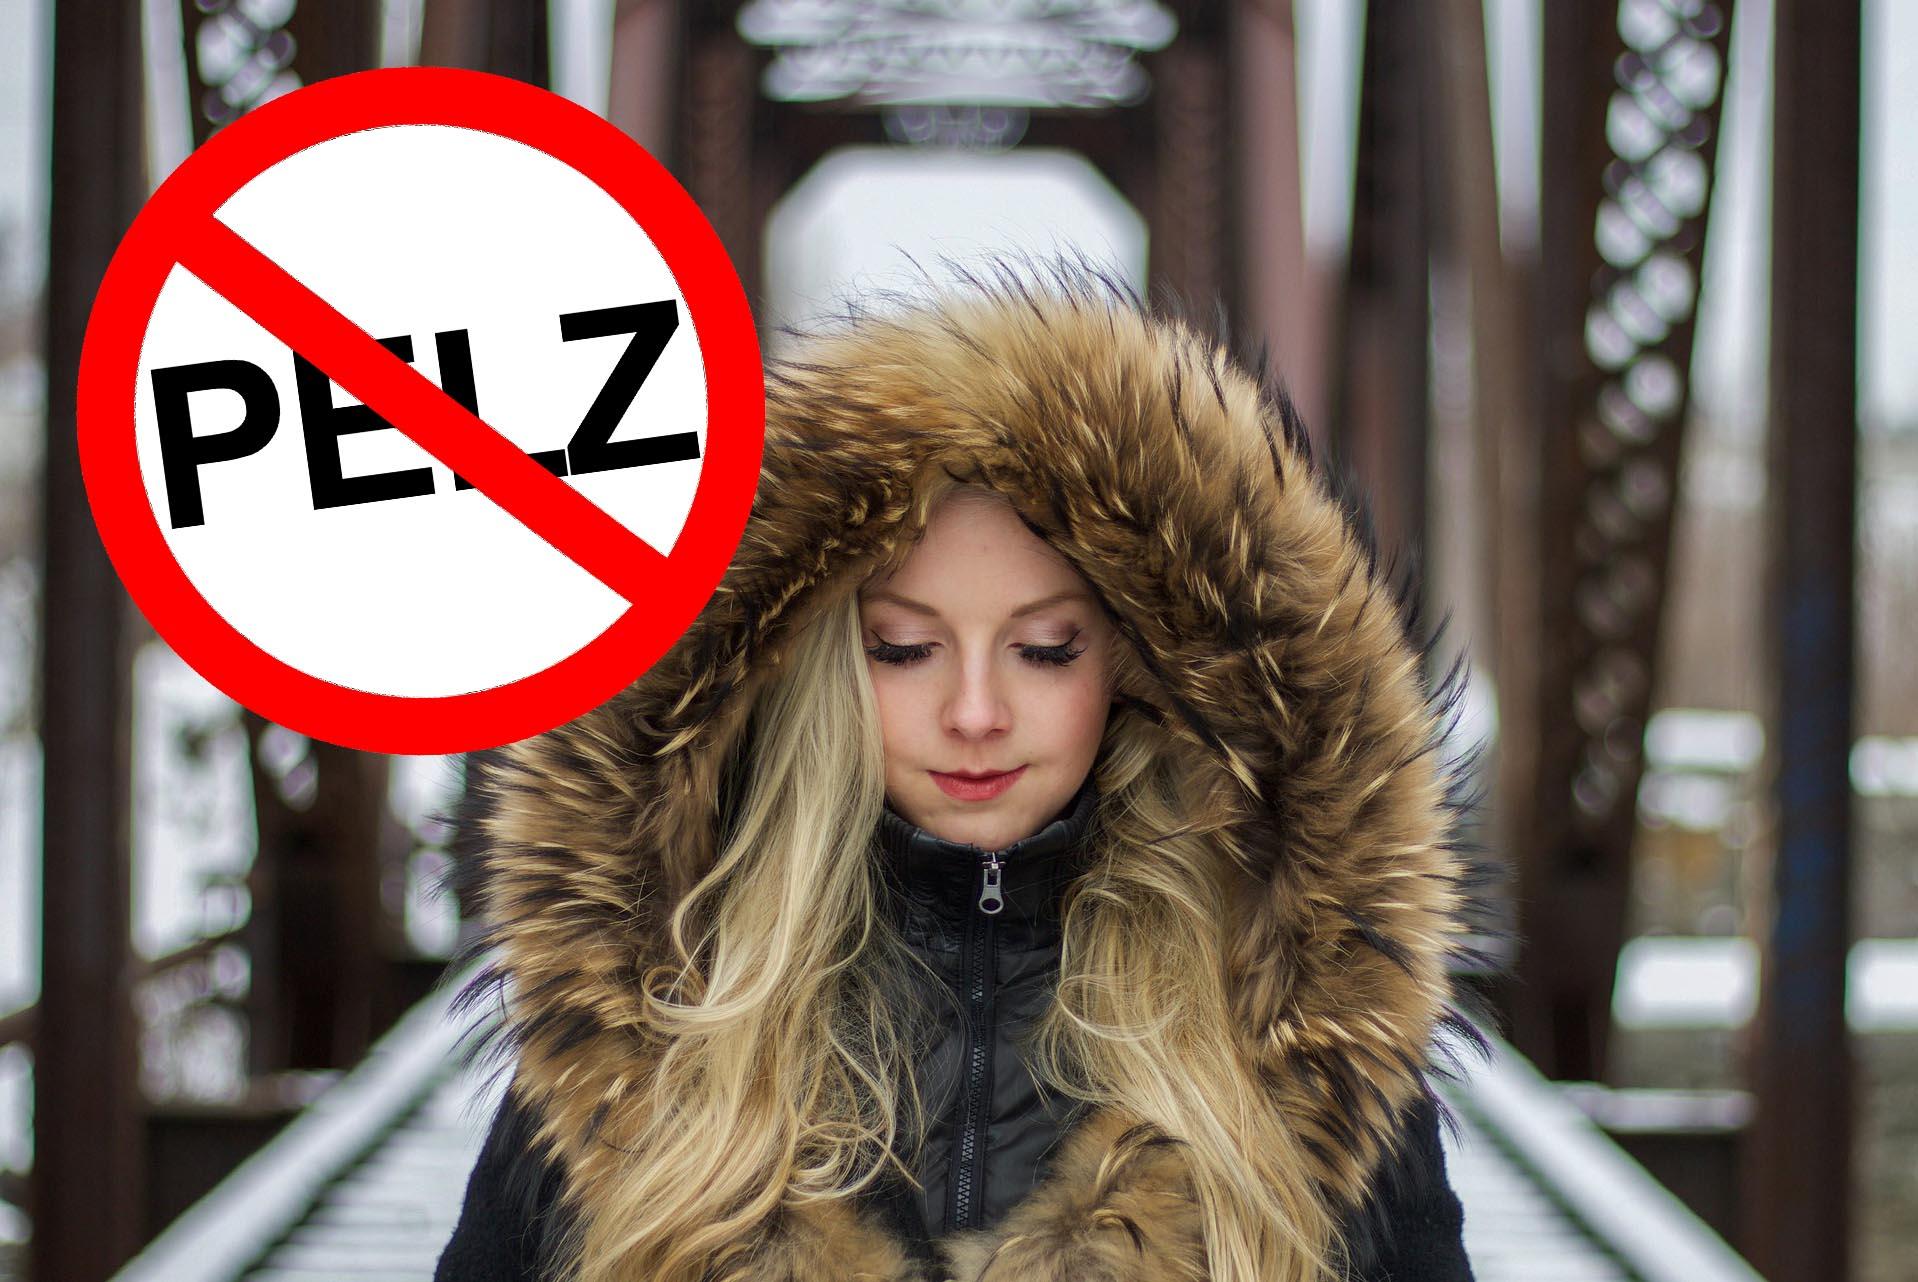 Pelzverbot: In diesen Ländern und Städten ist Pelz verboten